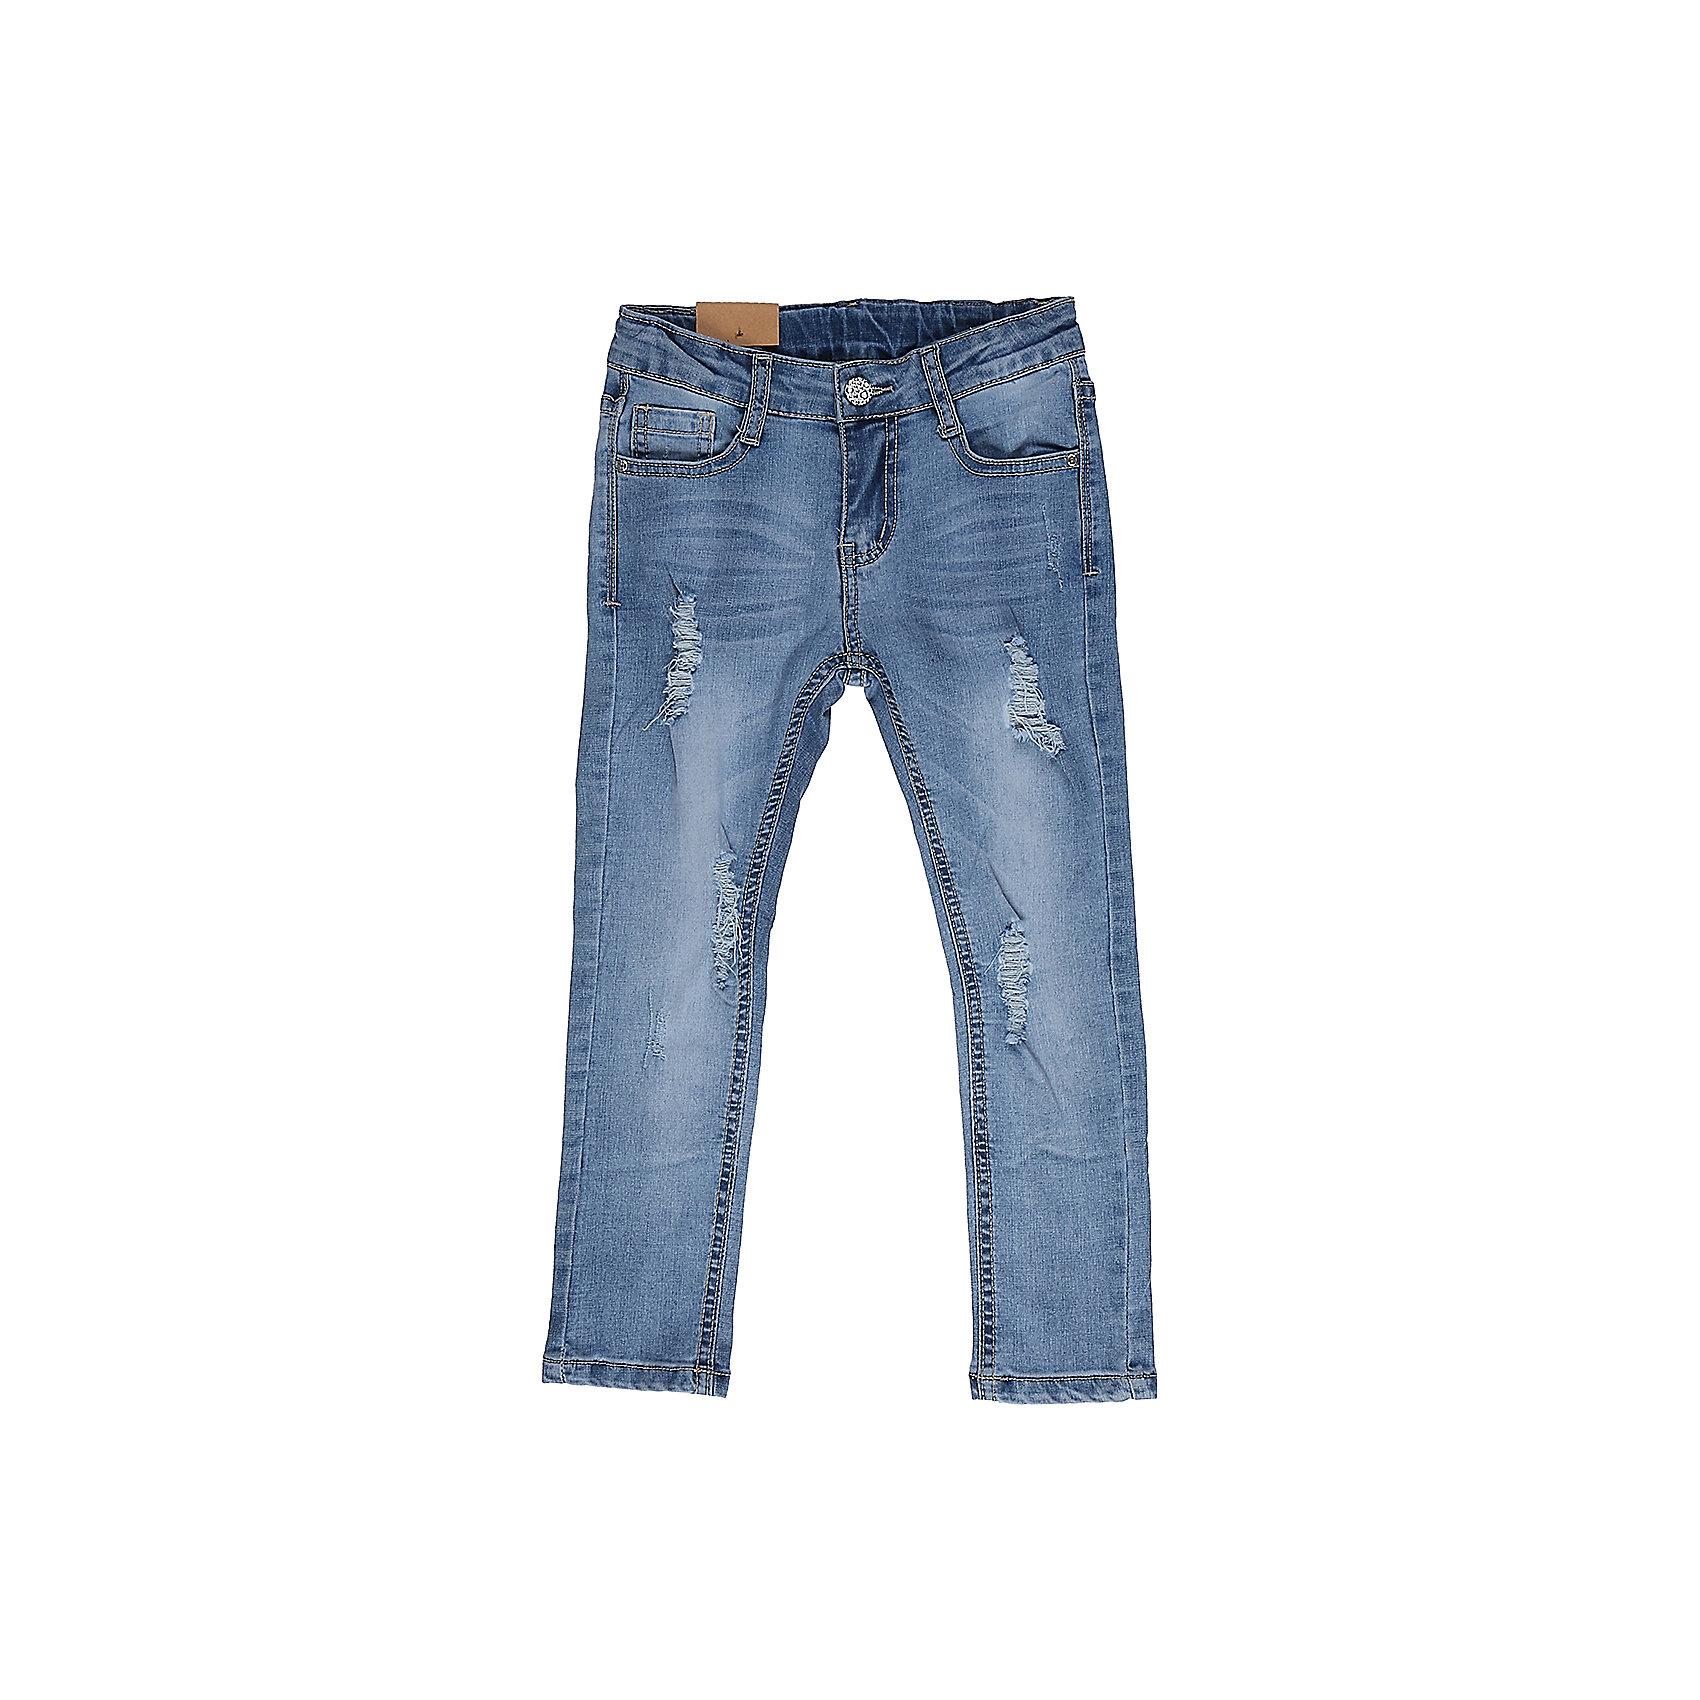 Джинсы для девочки Sweet BerryДжинсовая одежда<br>Джинсы  для девочки с оригинальной варкой, эффектами потертости и рваной джинсы. Имеют зауженный крой, среднюю посадку. Застегиваются на молнию и пуговицу. Шлевки на поясе рассчитаны под ремень. В боковой части пояса находятся вшитые эластичные ленты, регулирующие посадку по талии.<br>Состав:<br>98%хлопок 2%эластан<br><br>Ширина мм: 215<br>Глубина мм: 88<br>Высота мм: 191<br>Вес г: 336<br>Цвет: голубой<br>Возраст от месяцев: 36<br>Возраст до месяцев: 48<br>Пол: Женский<br>Возраст: Детский<br>Размер: 104,98,110,116,122,128<br>SKU: 5412668